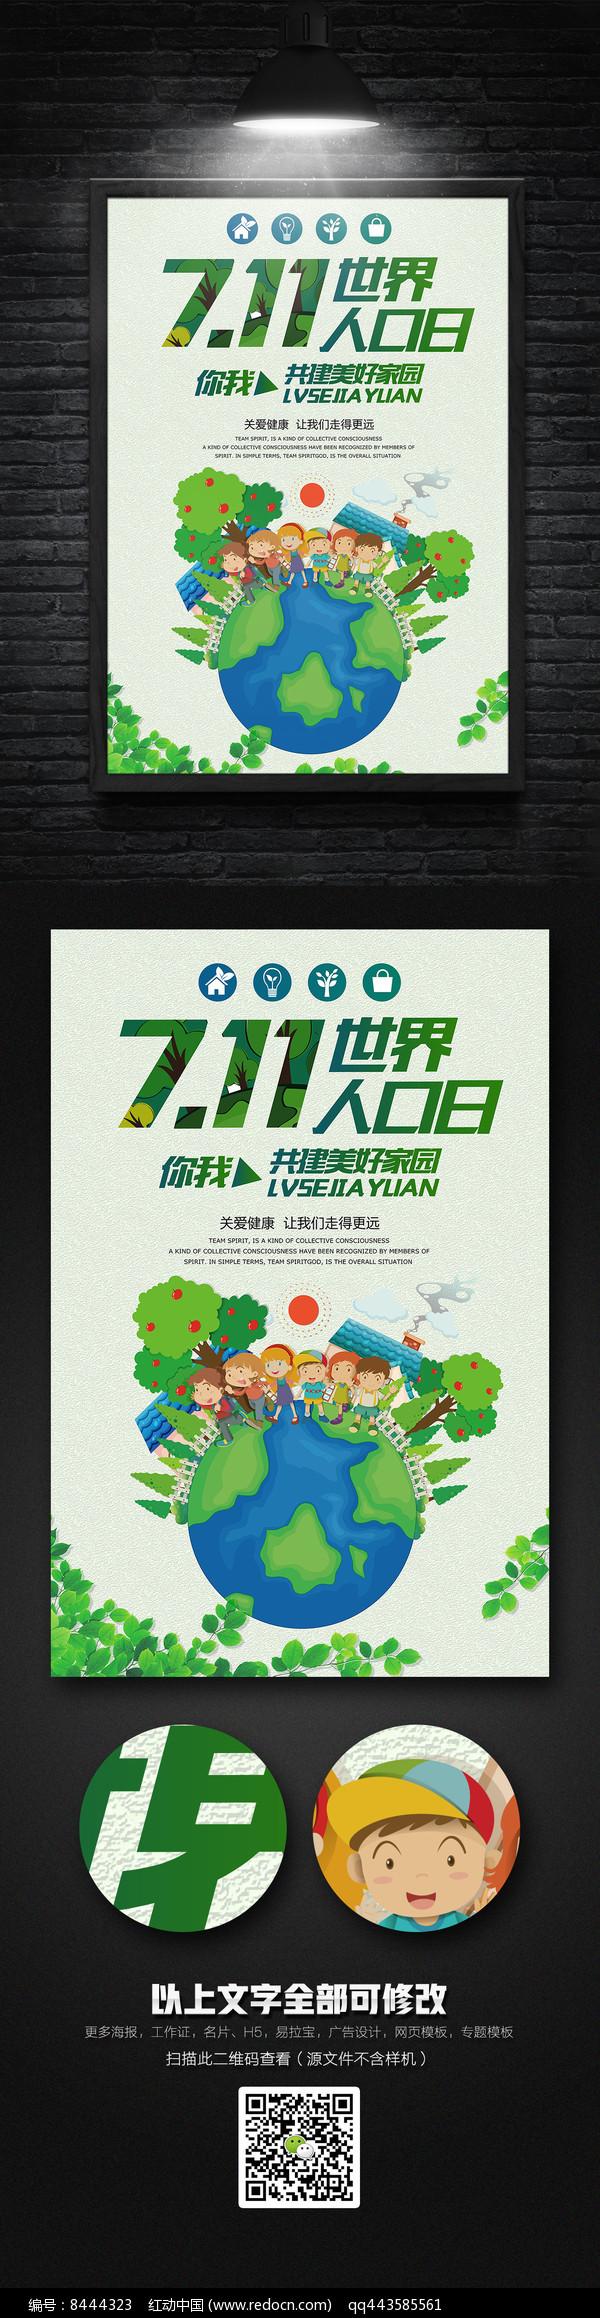 手绘世界人口日主题海报图片